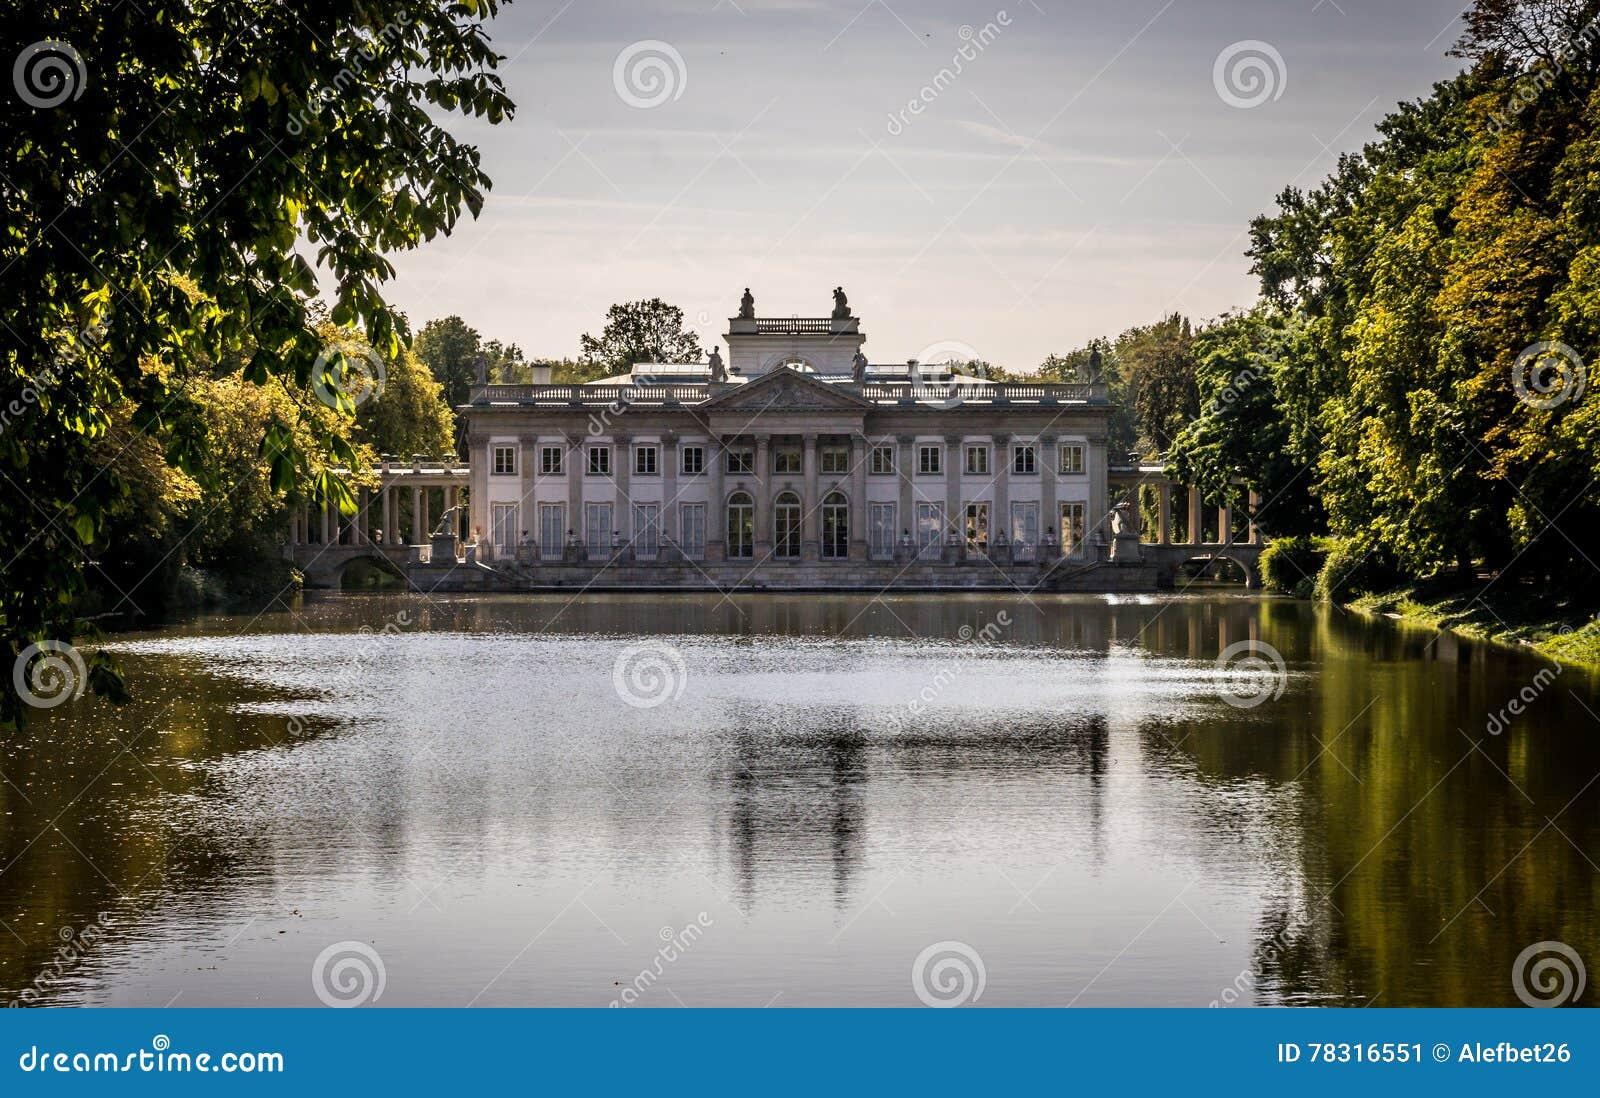 Pałac Na Wodzie Lazienki Park W Warszawa Polska Północna